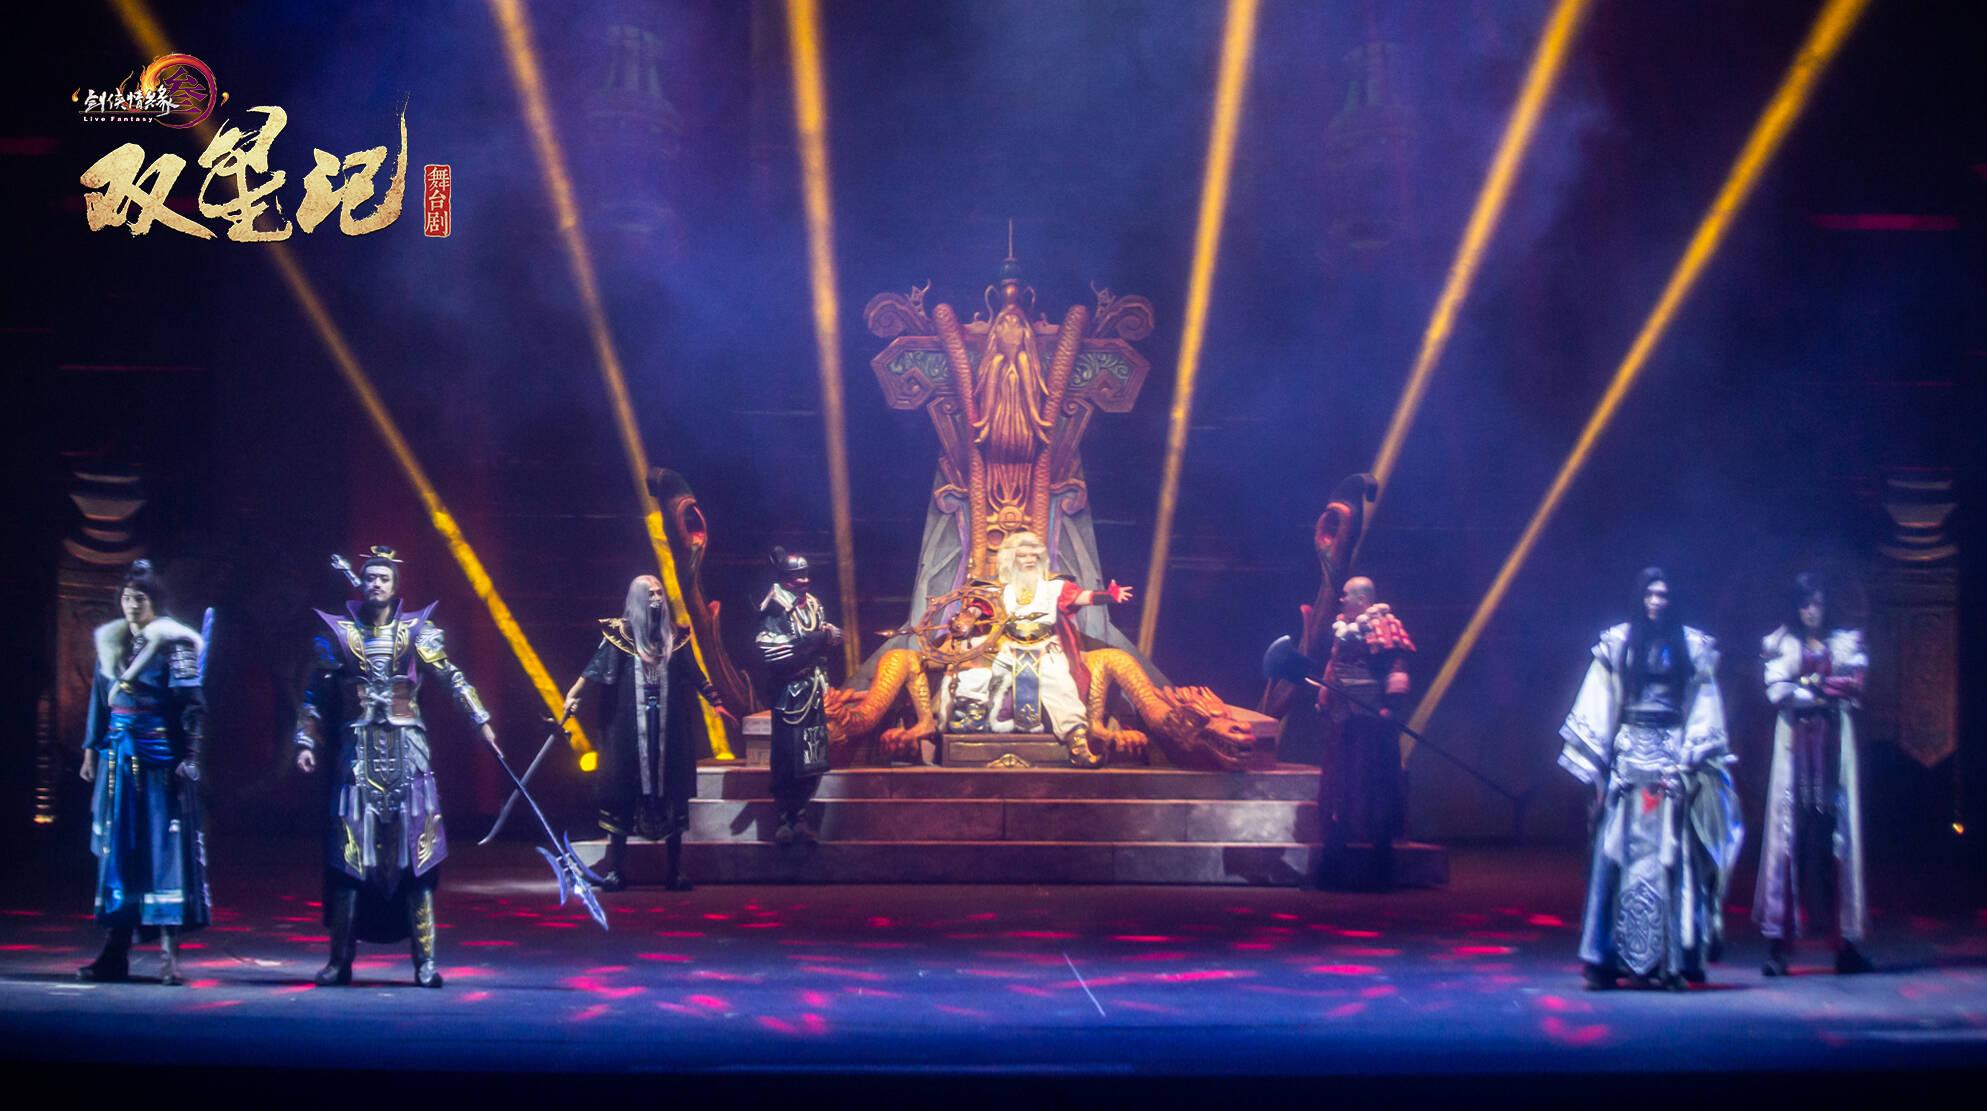 舞台剧巡演即将启程 《剑网3·双星记》巡演宣传片首曝 情报总局-第3张